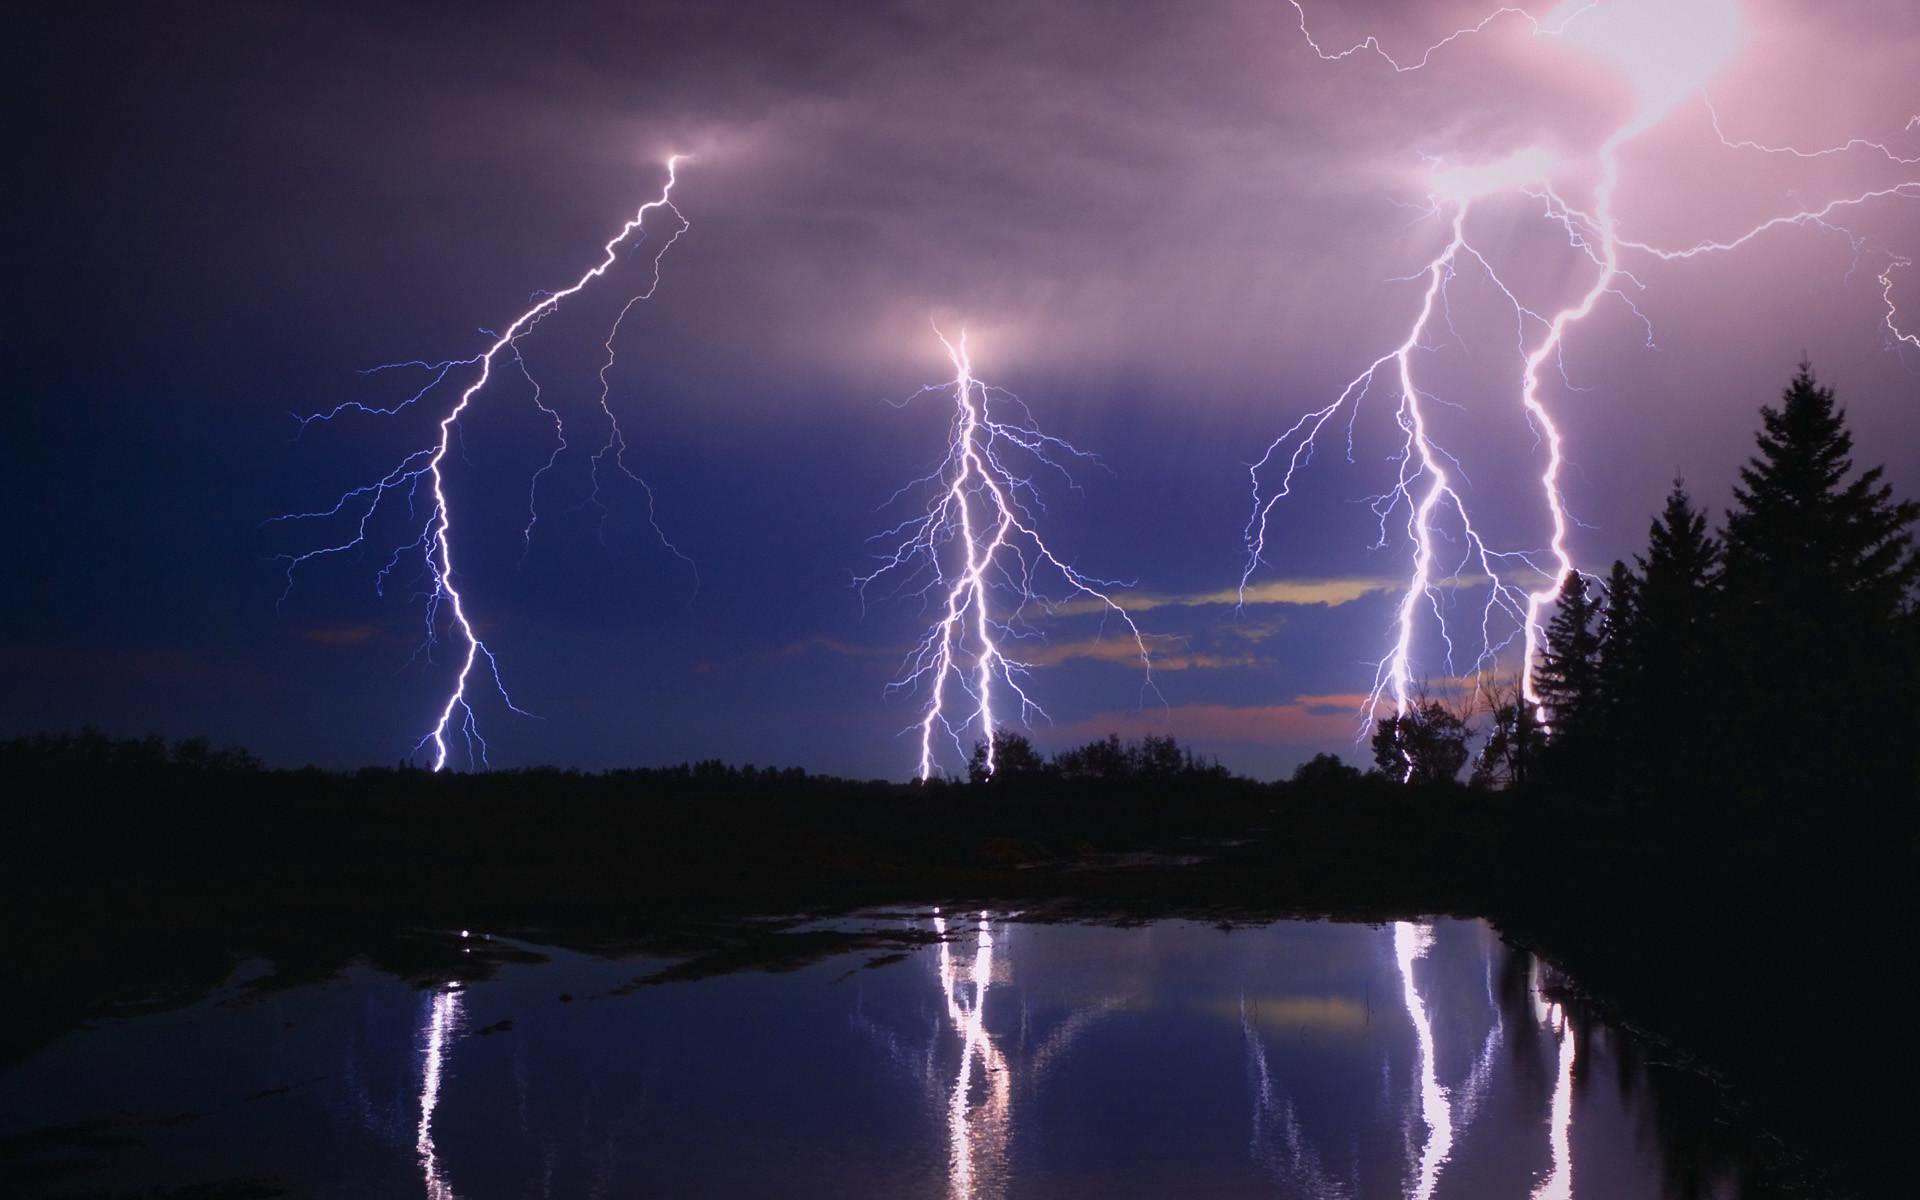 Lightning bolt background wallpapertag - Lighting strike wallpaper ...